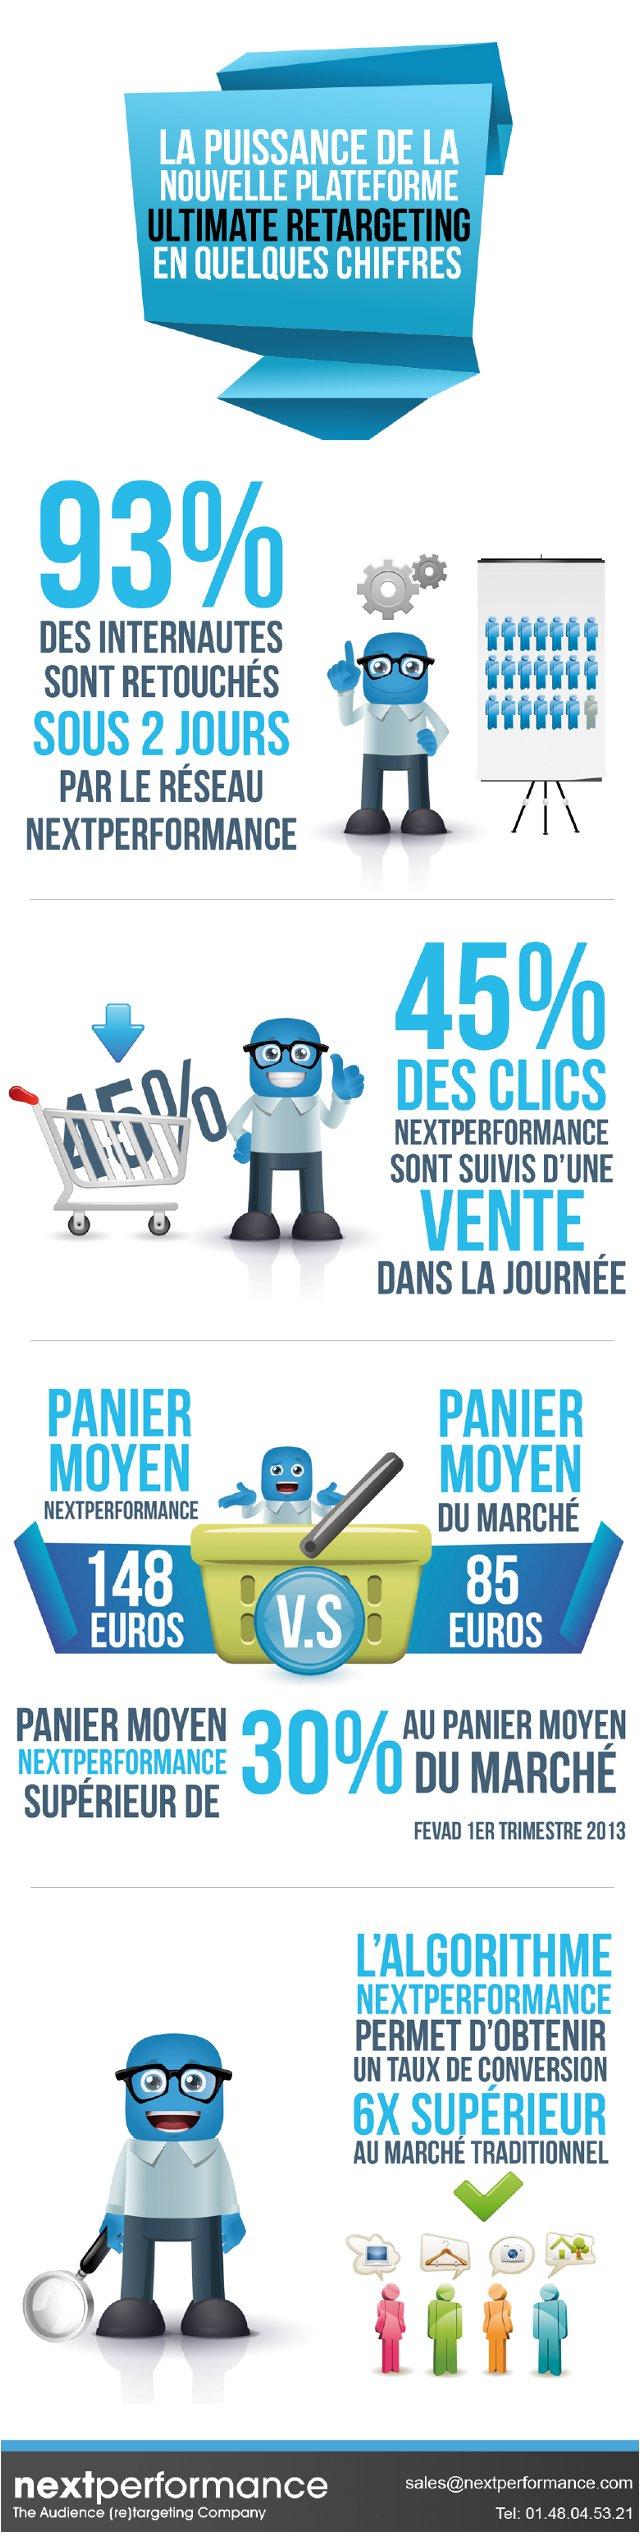 Infographie : 4 chiffres sur les performances des campagnes retargeting de Nextperformance